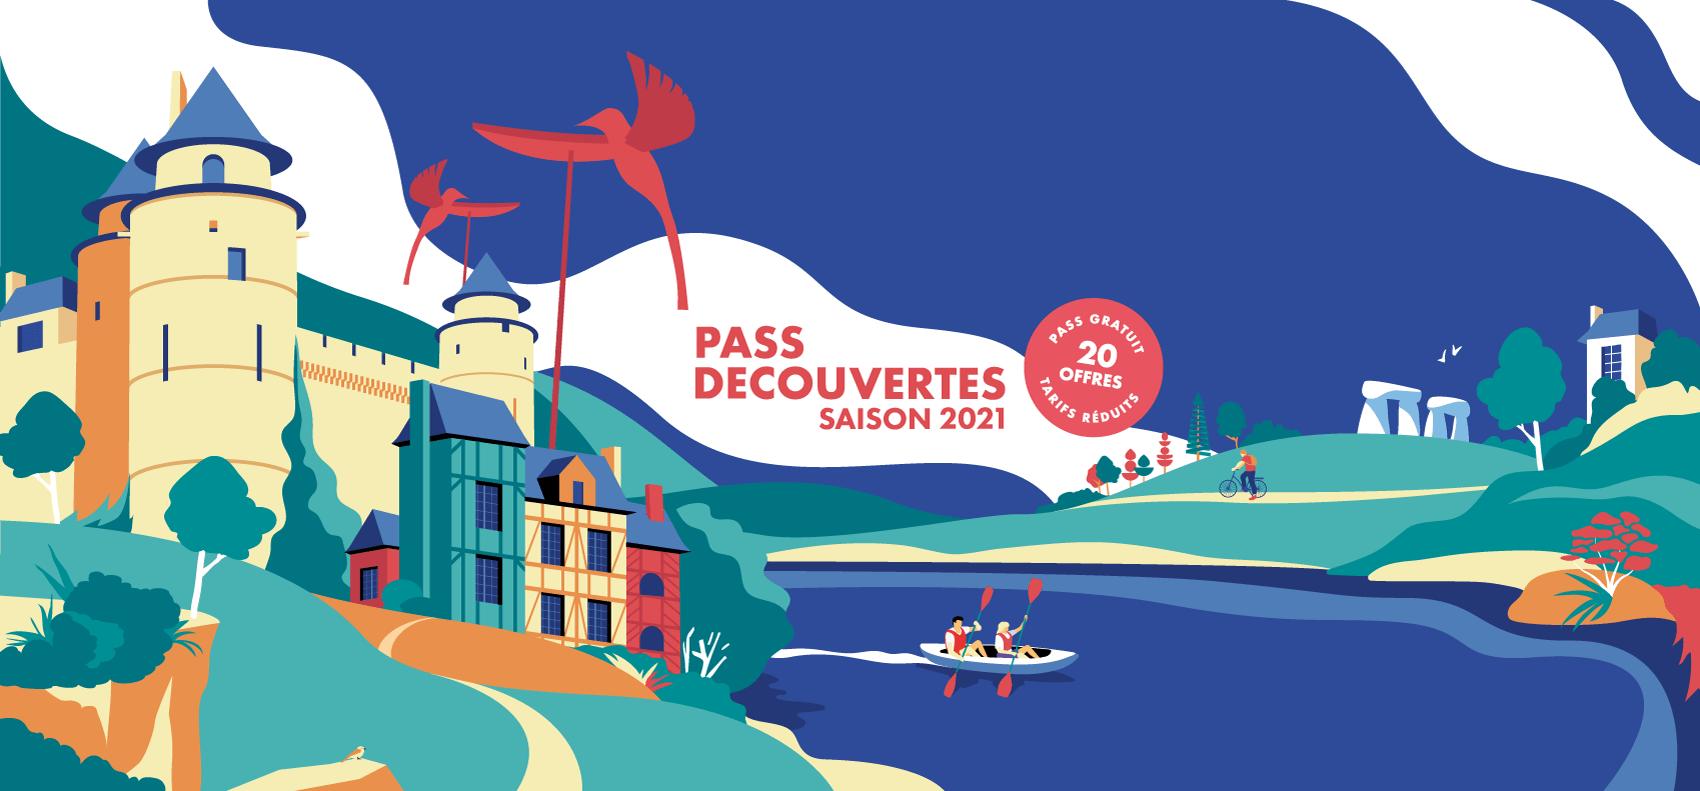 Pass Découvertes Rennes et les Portes de Bretagne - Saison 2021